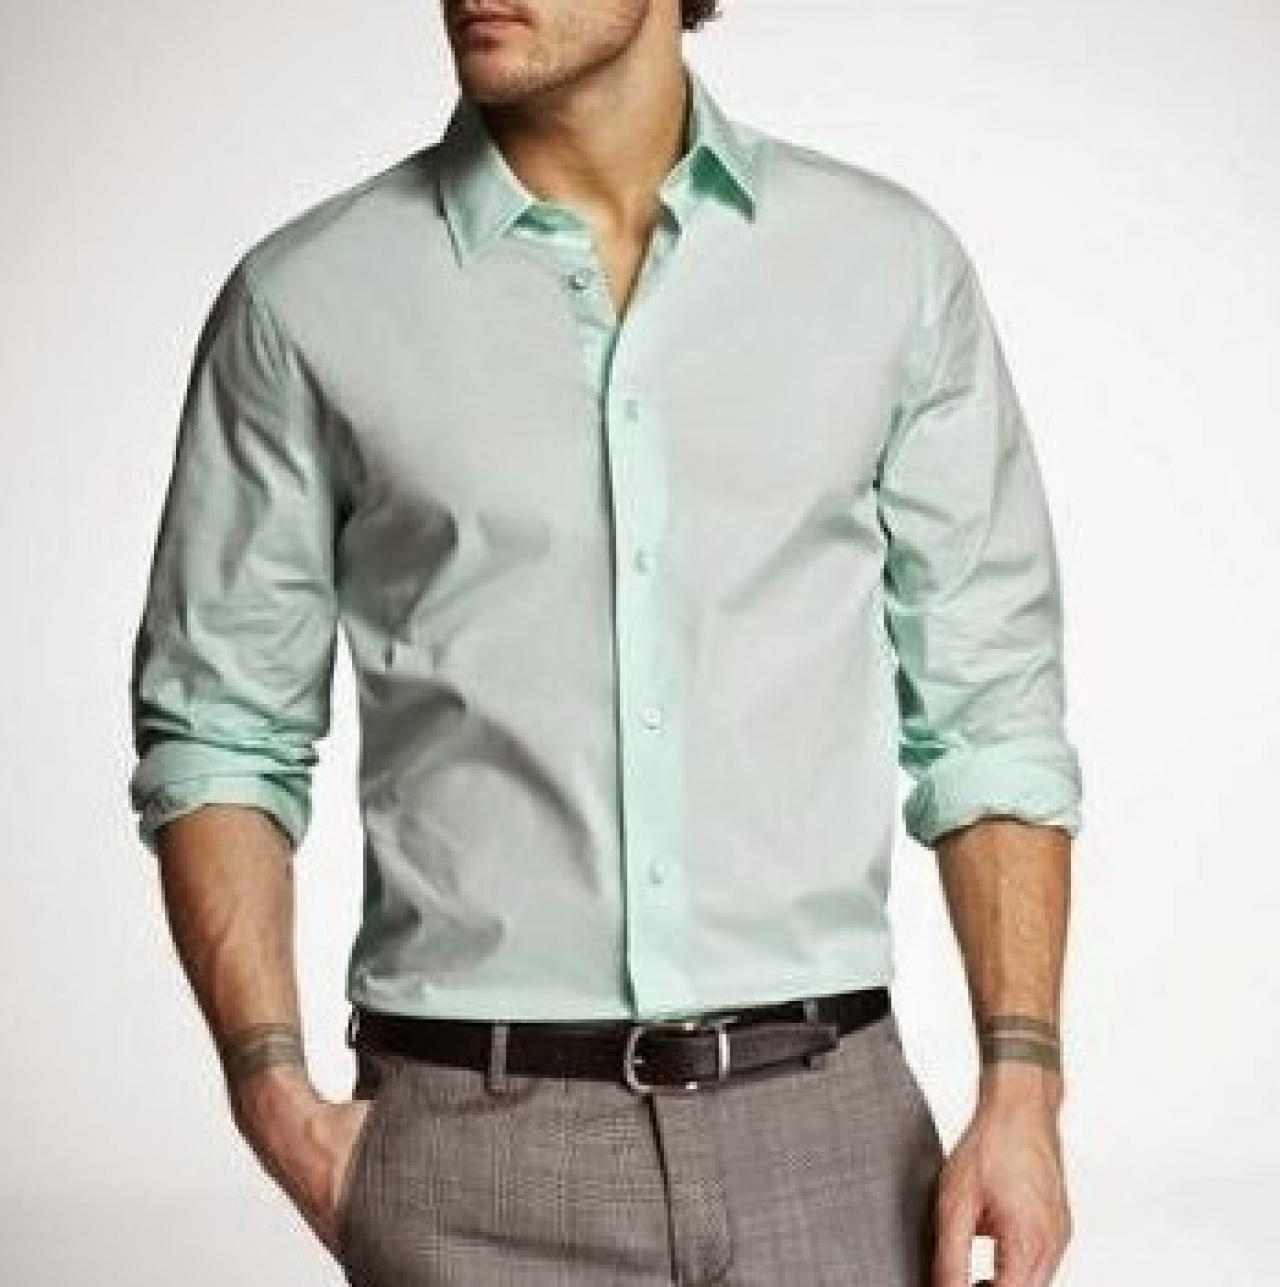 Tres Claves Para Que Hombres Combinen Bien Su Ropa Al Vestir